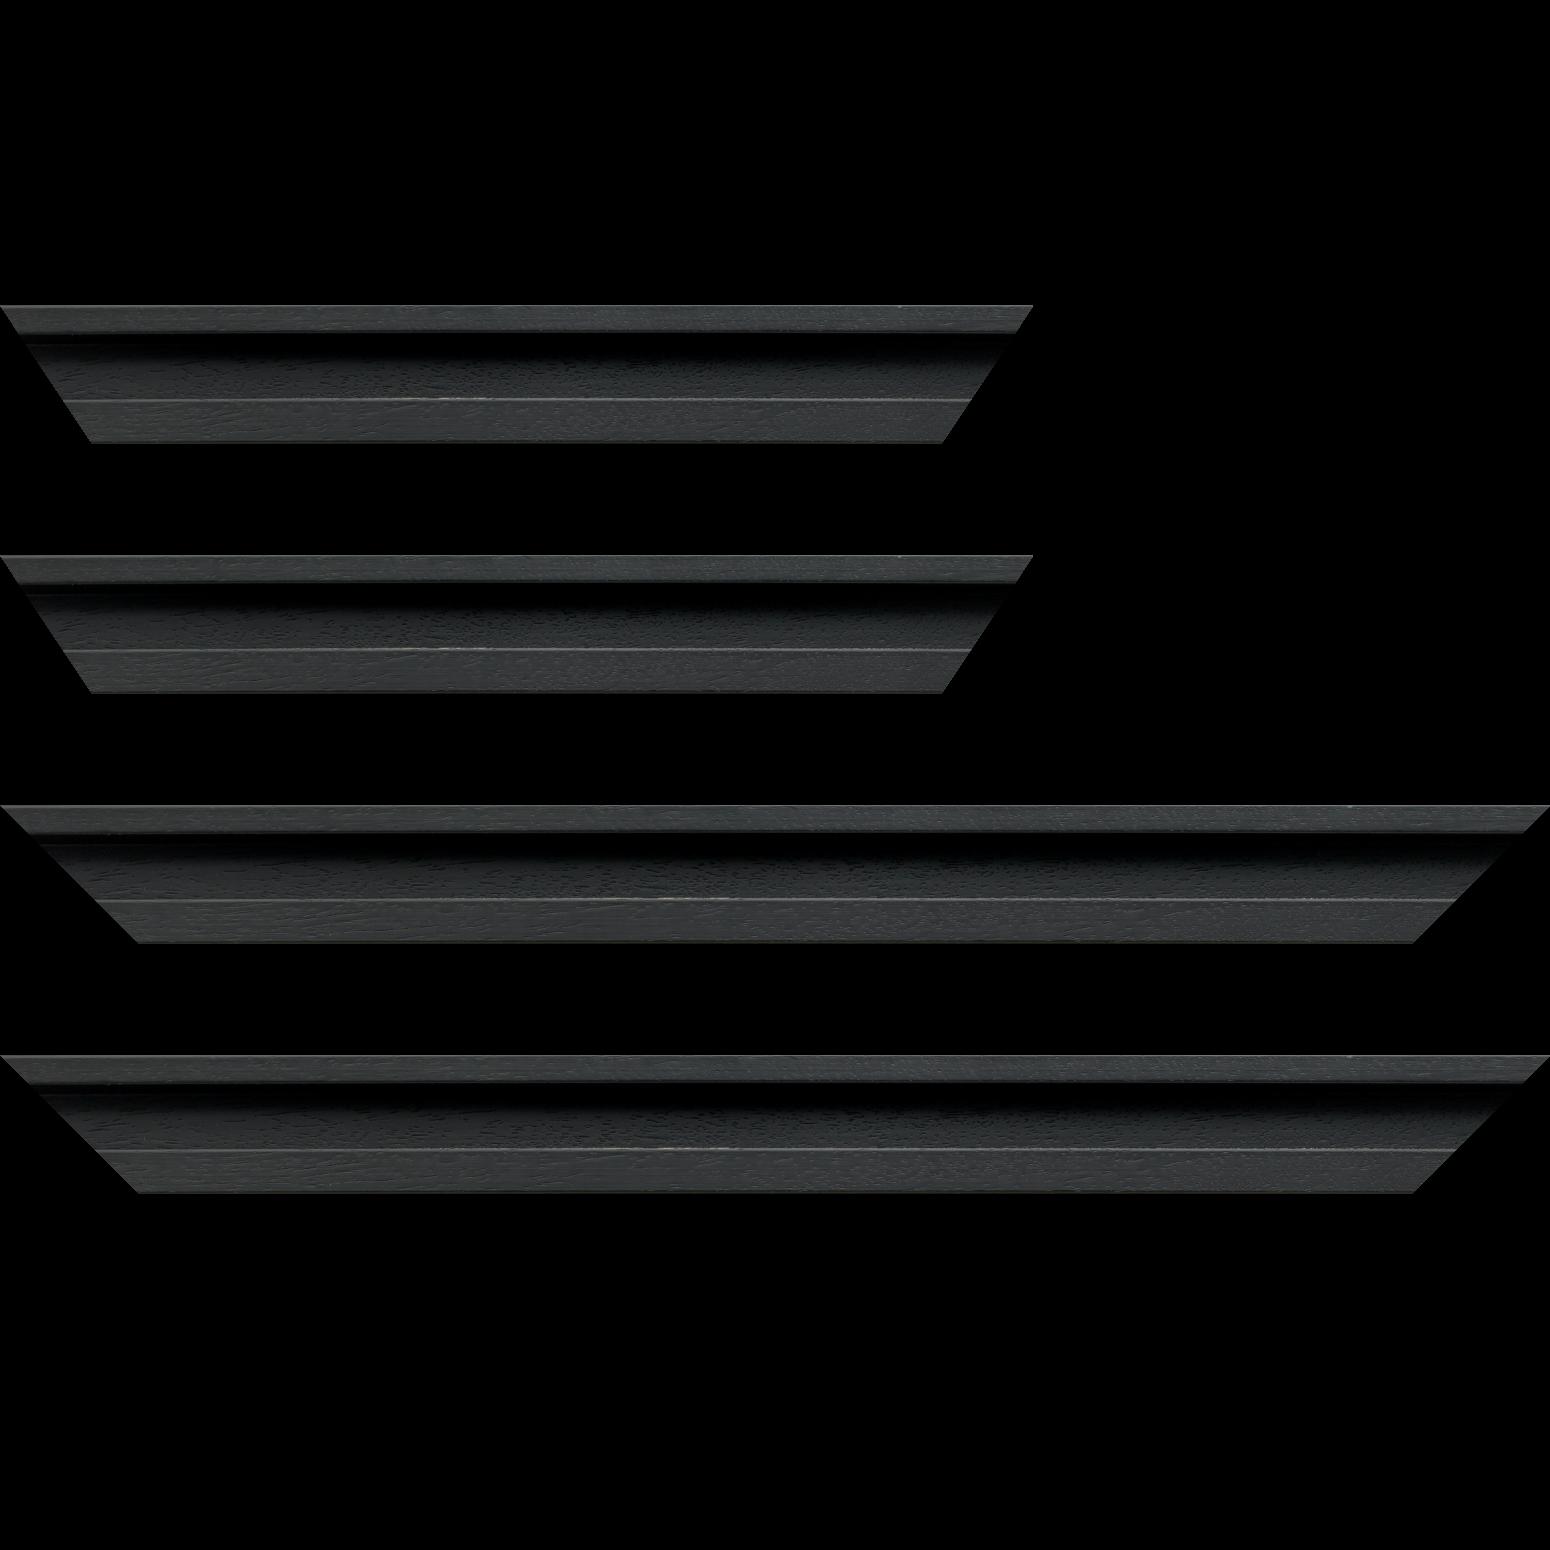 Baguette service précoupé Bois caisse américaine largeur 4.5cm noir satiné (spécialement concu pour les supports papier necessitant une protection et un isorel assurant le maintien de l'ensemble : le sujet se met à l'intérieur du cadre ) profil en U